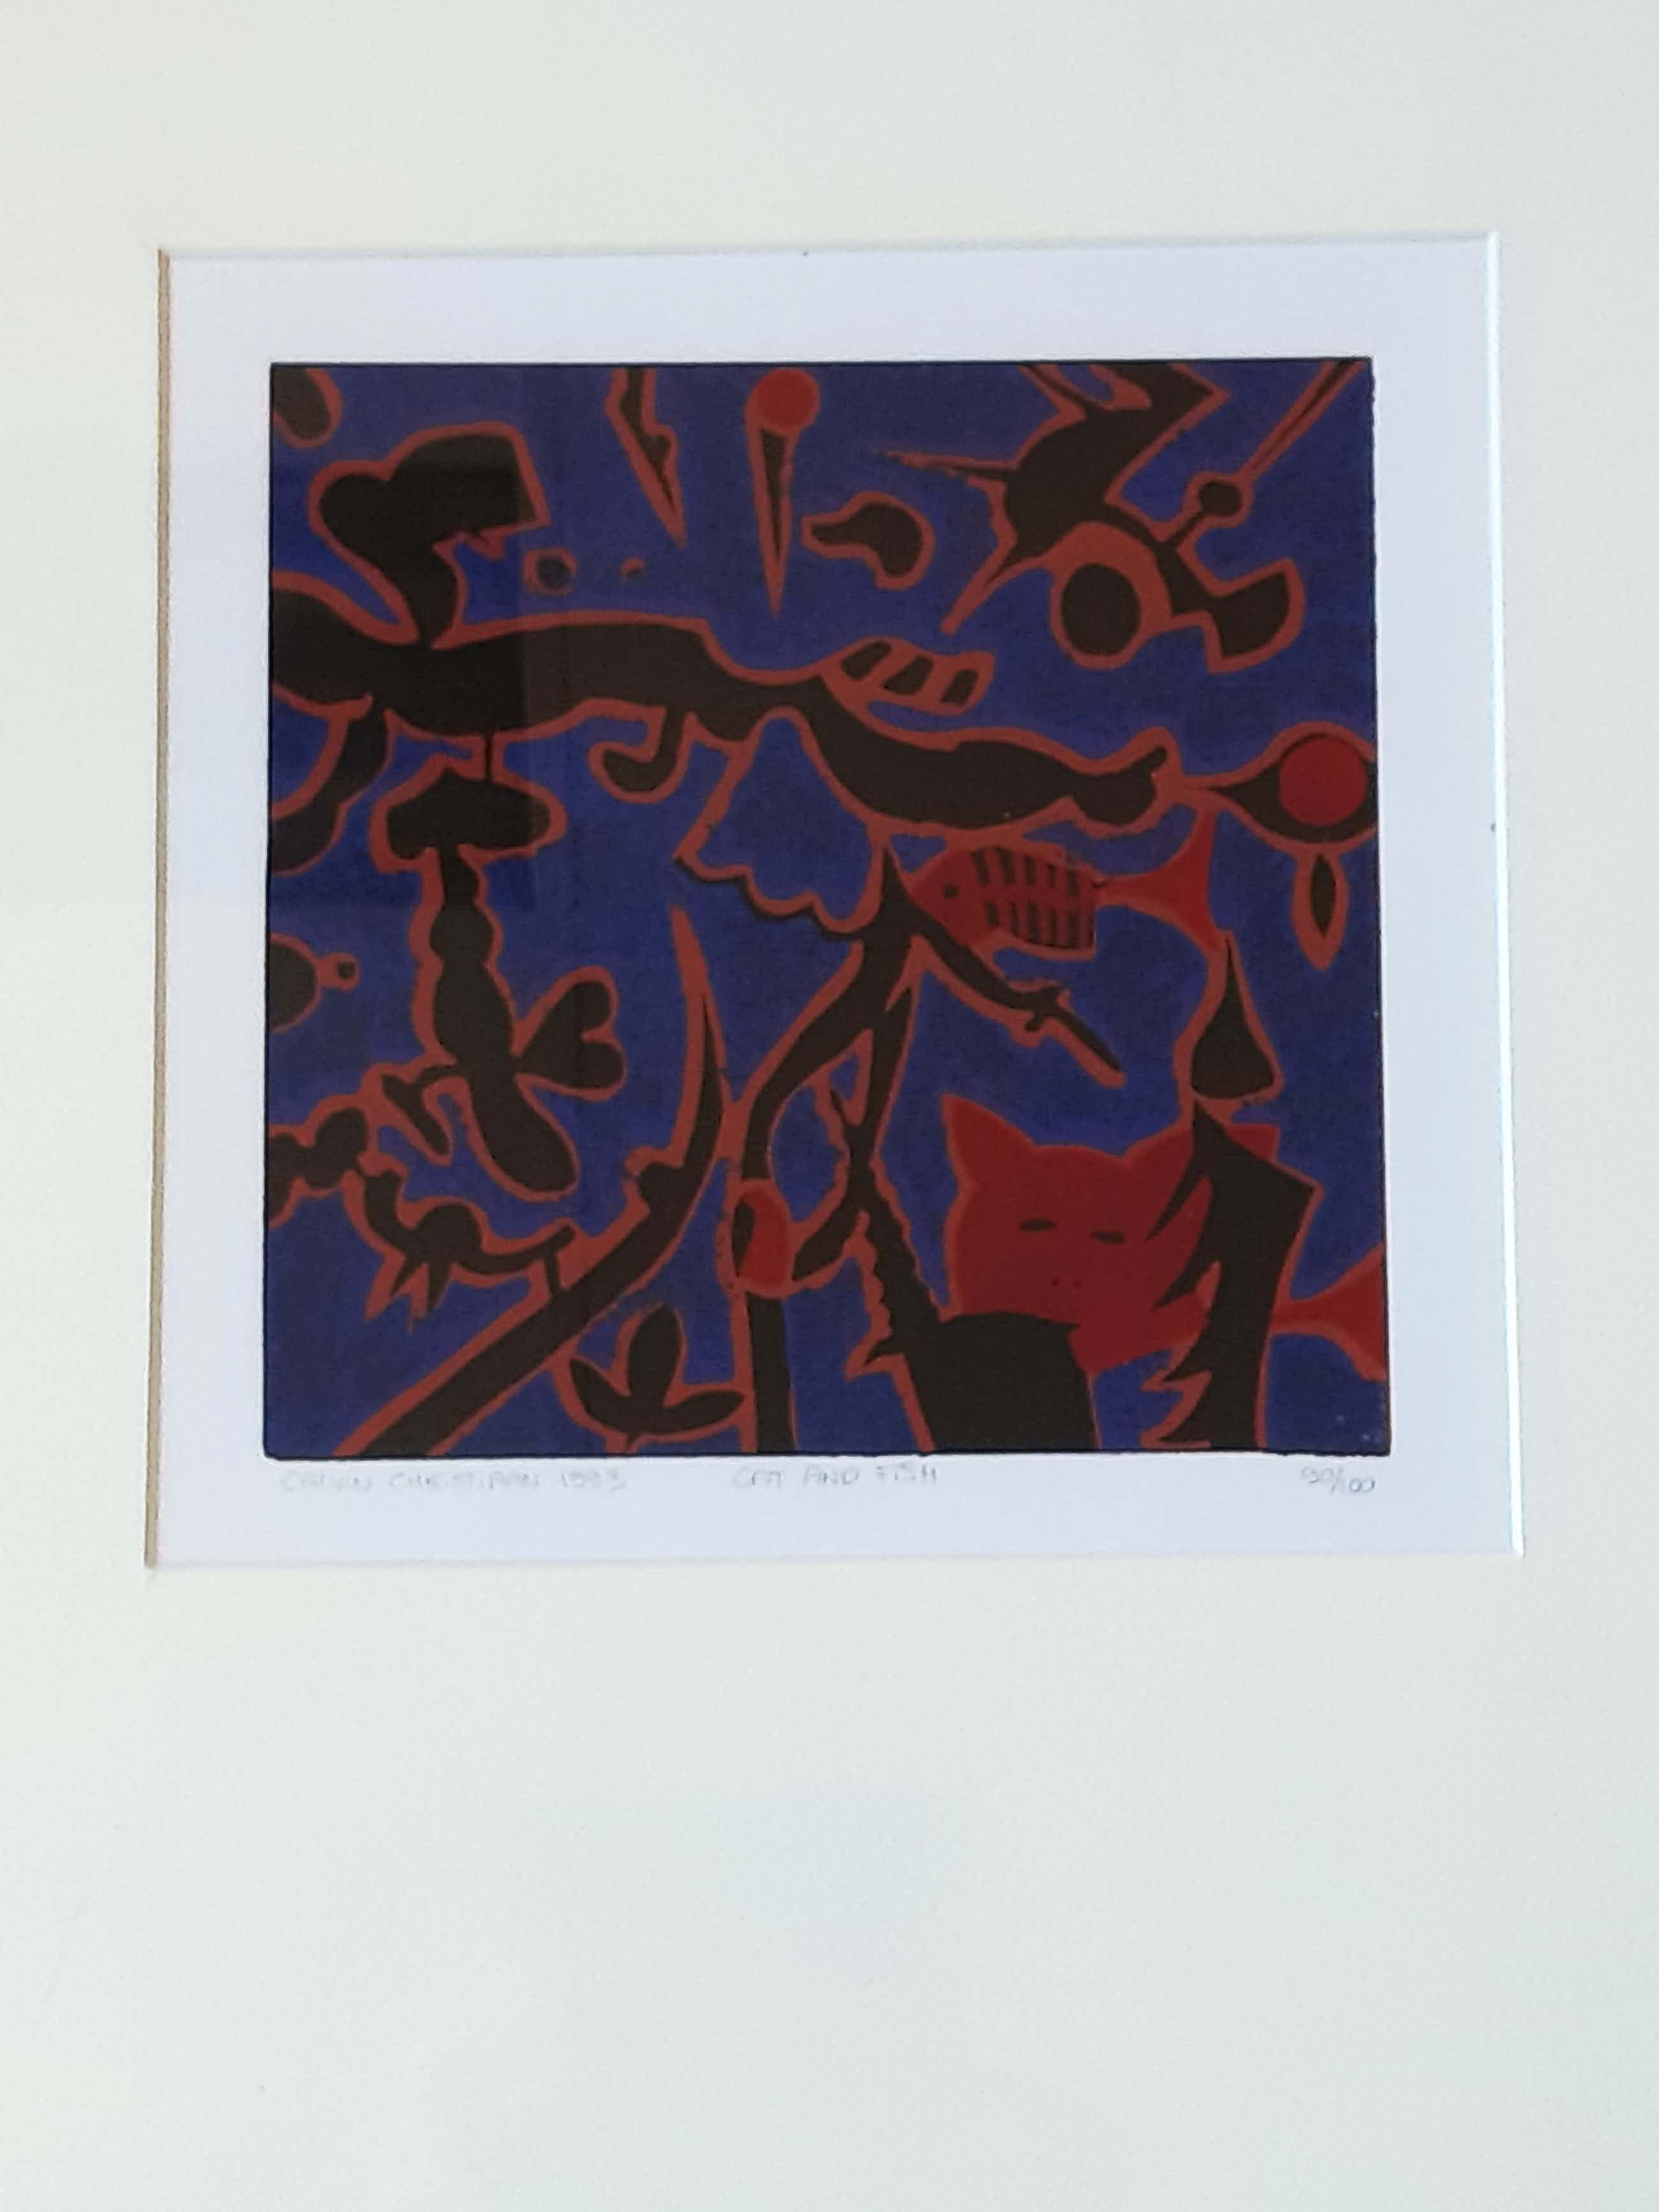 Calvin Christiaan - Cat and Fish - kleurenzeefdruk - handgesigneerd - 90/100 kopen? Bied vanaf 60!